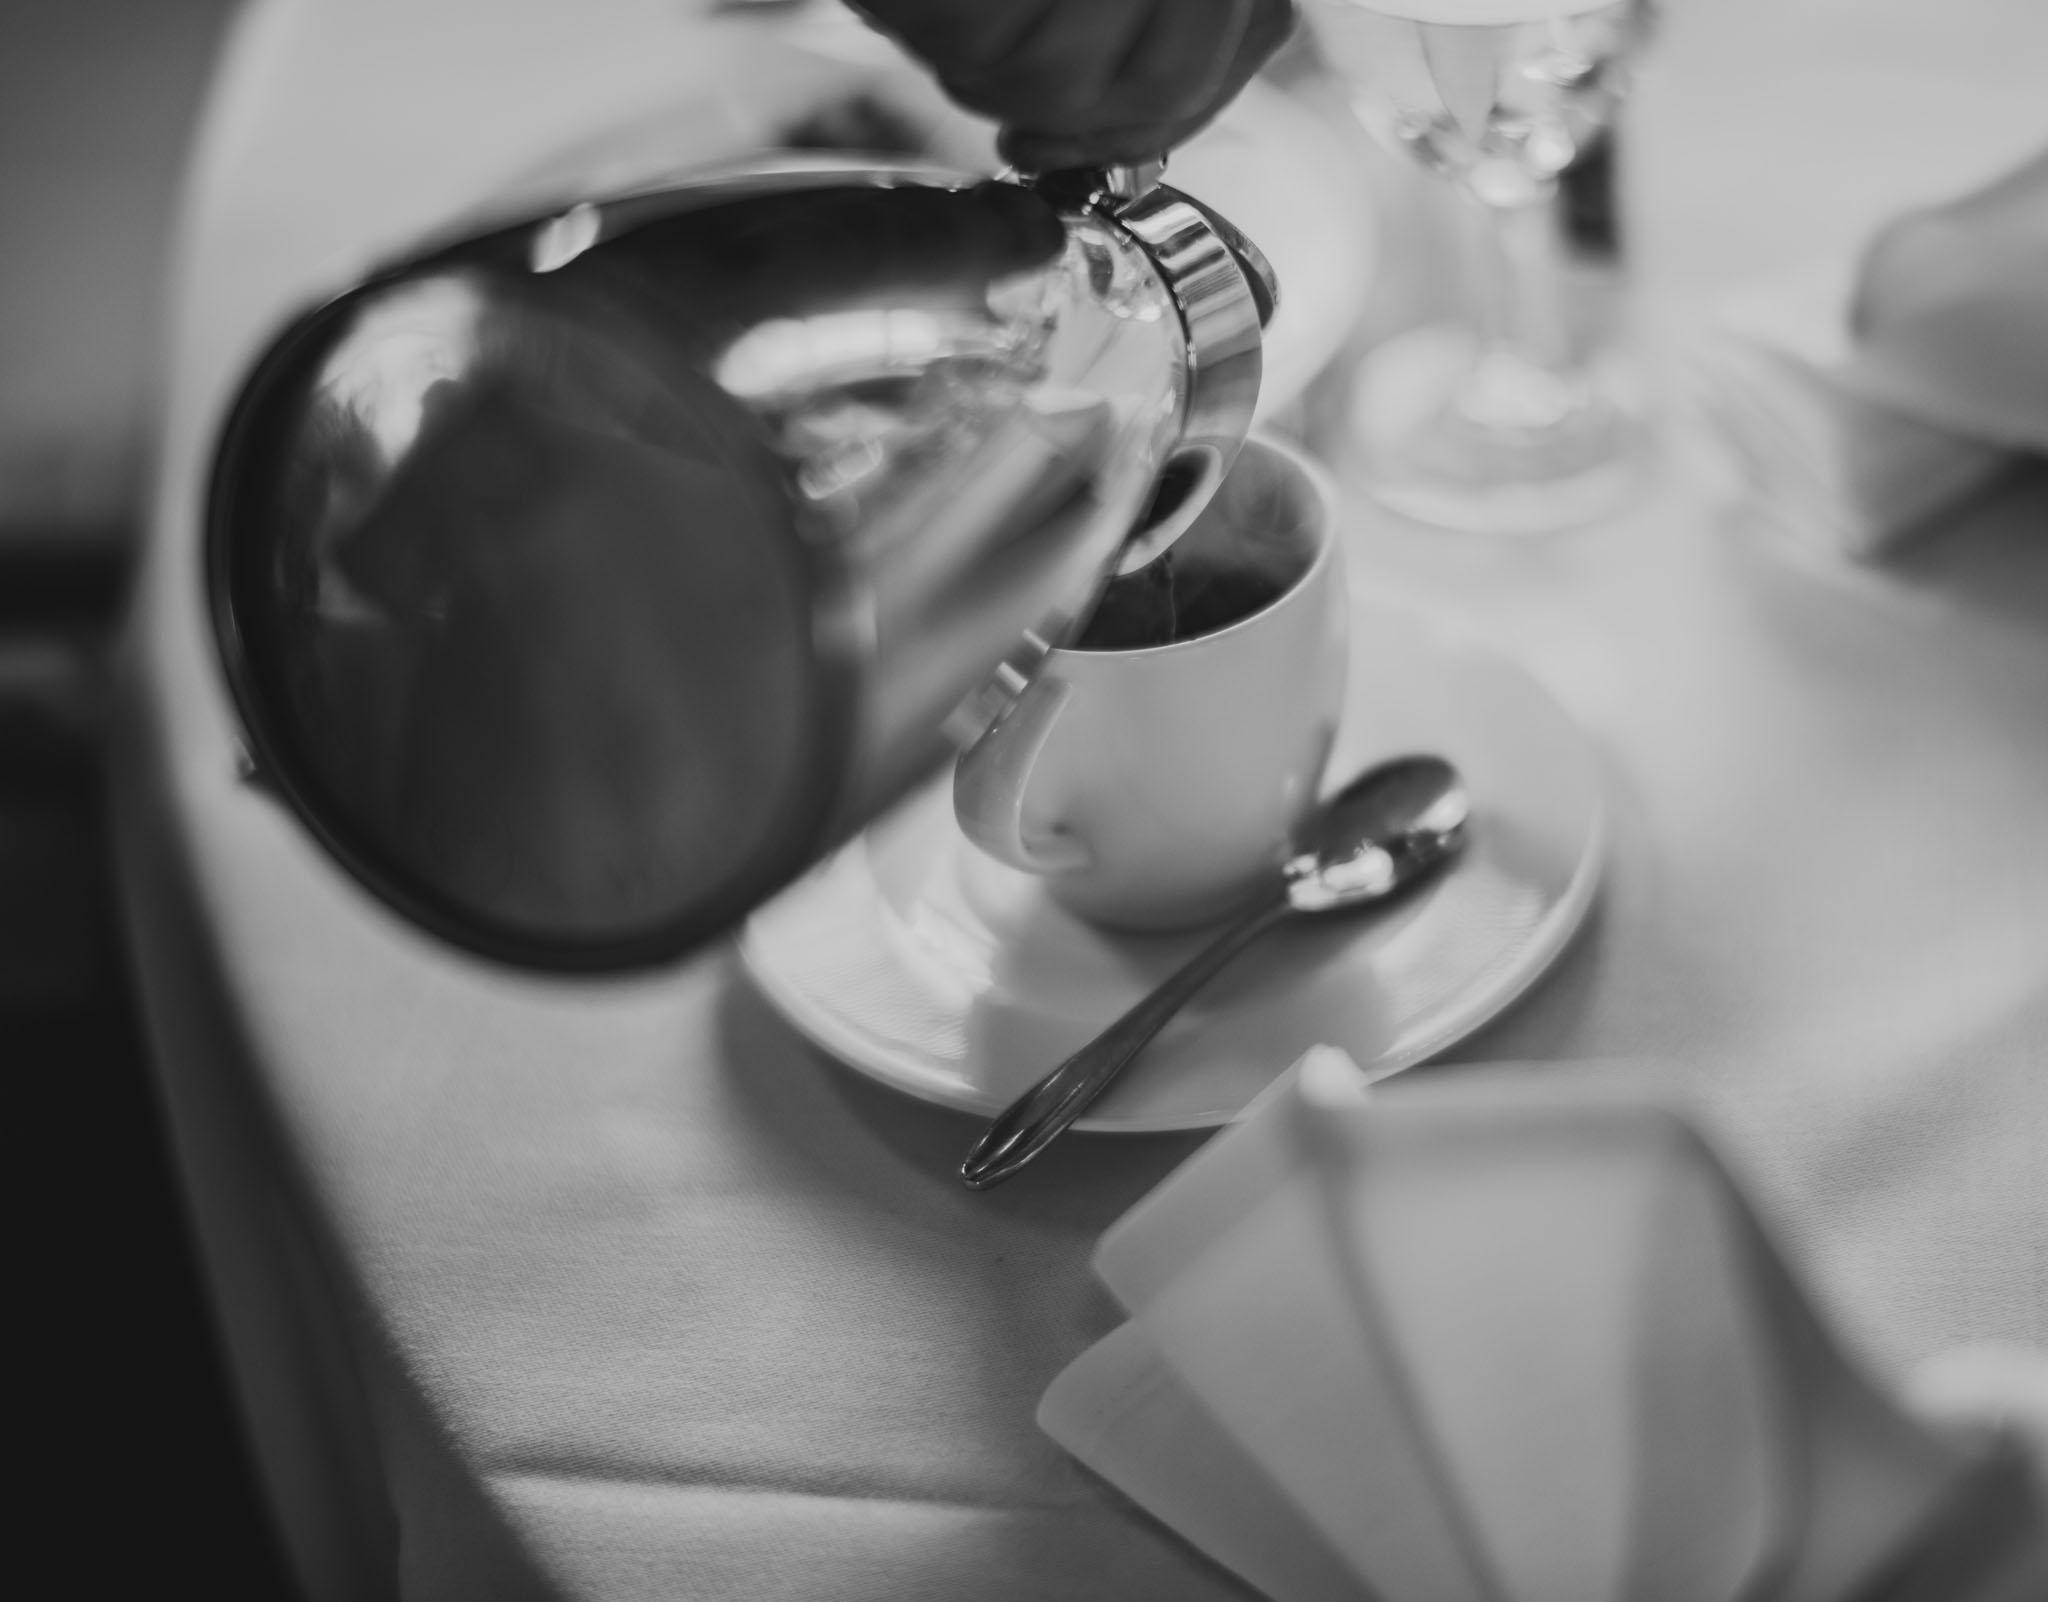 kaffee-hochzeit.jpg